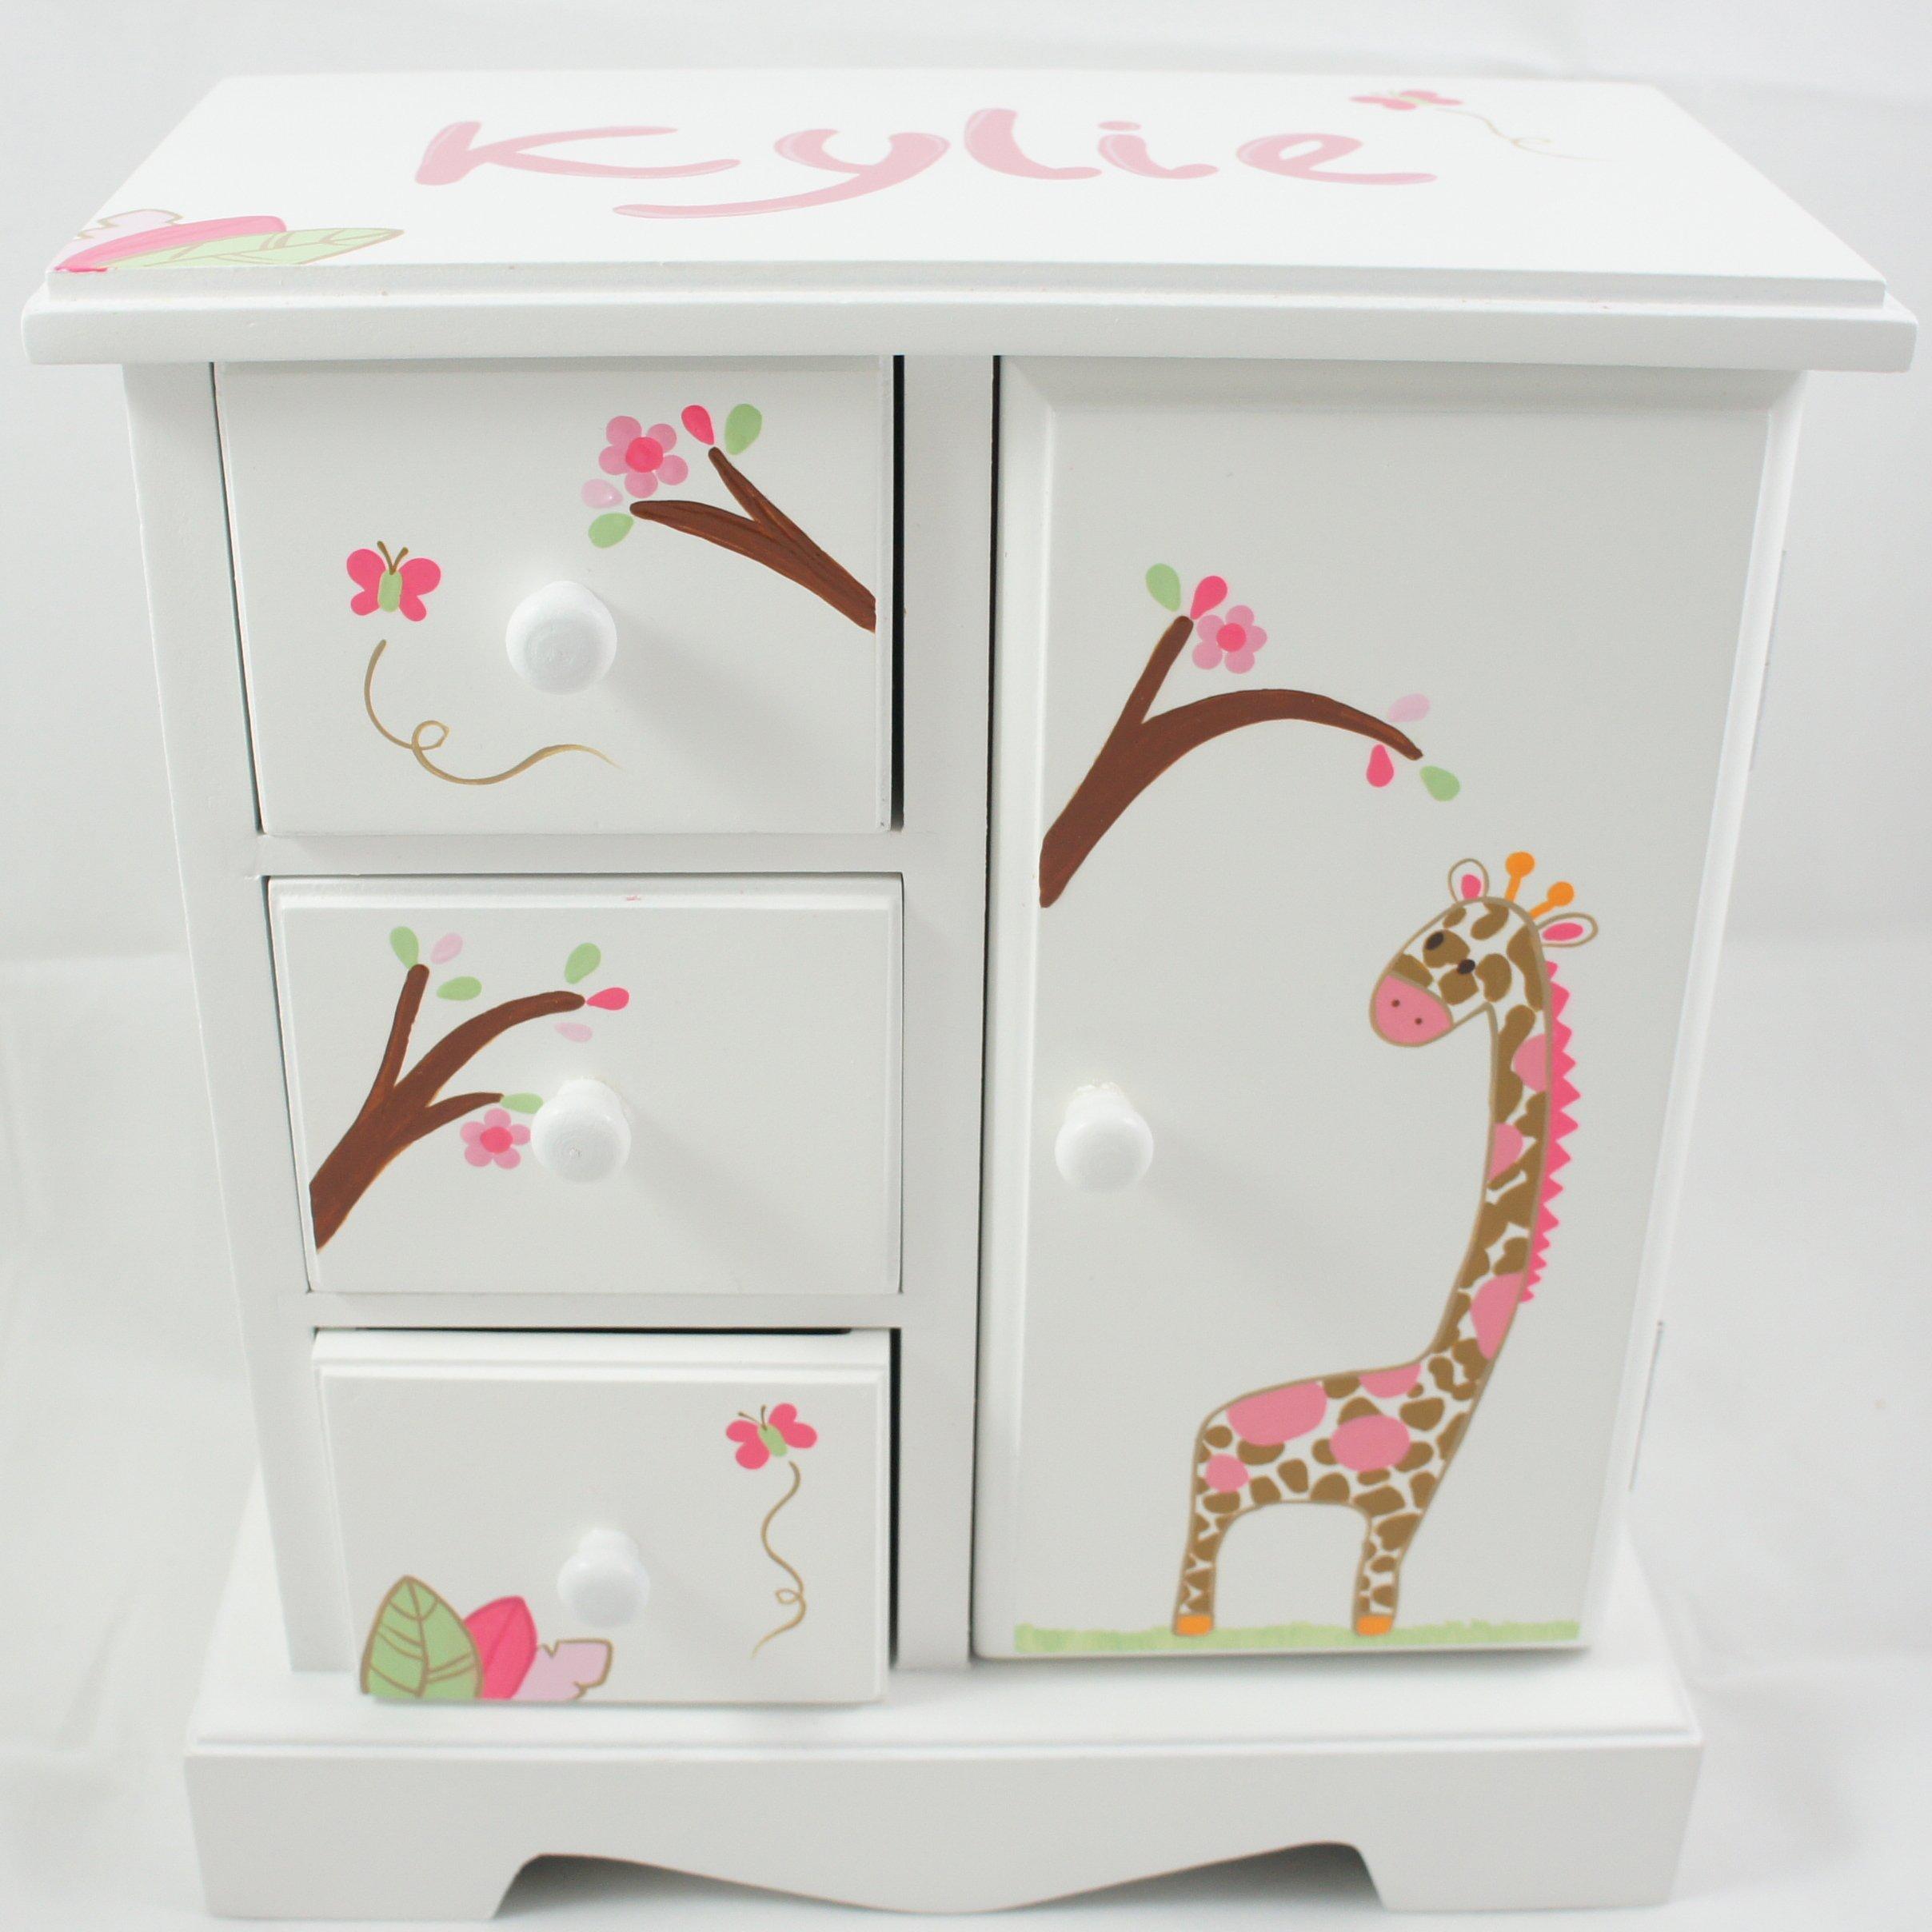 Giraffe Theme Personalized Al Jewelry Box For S